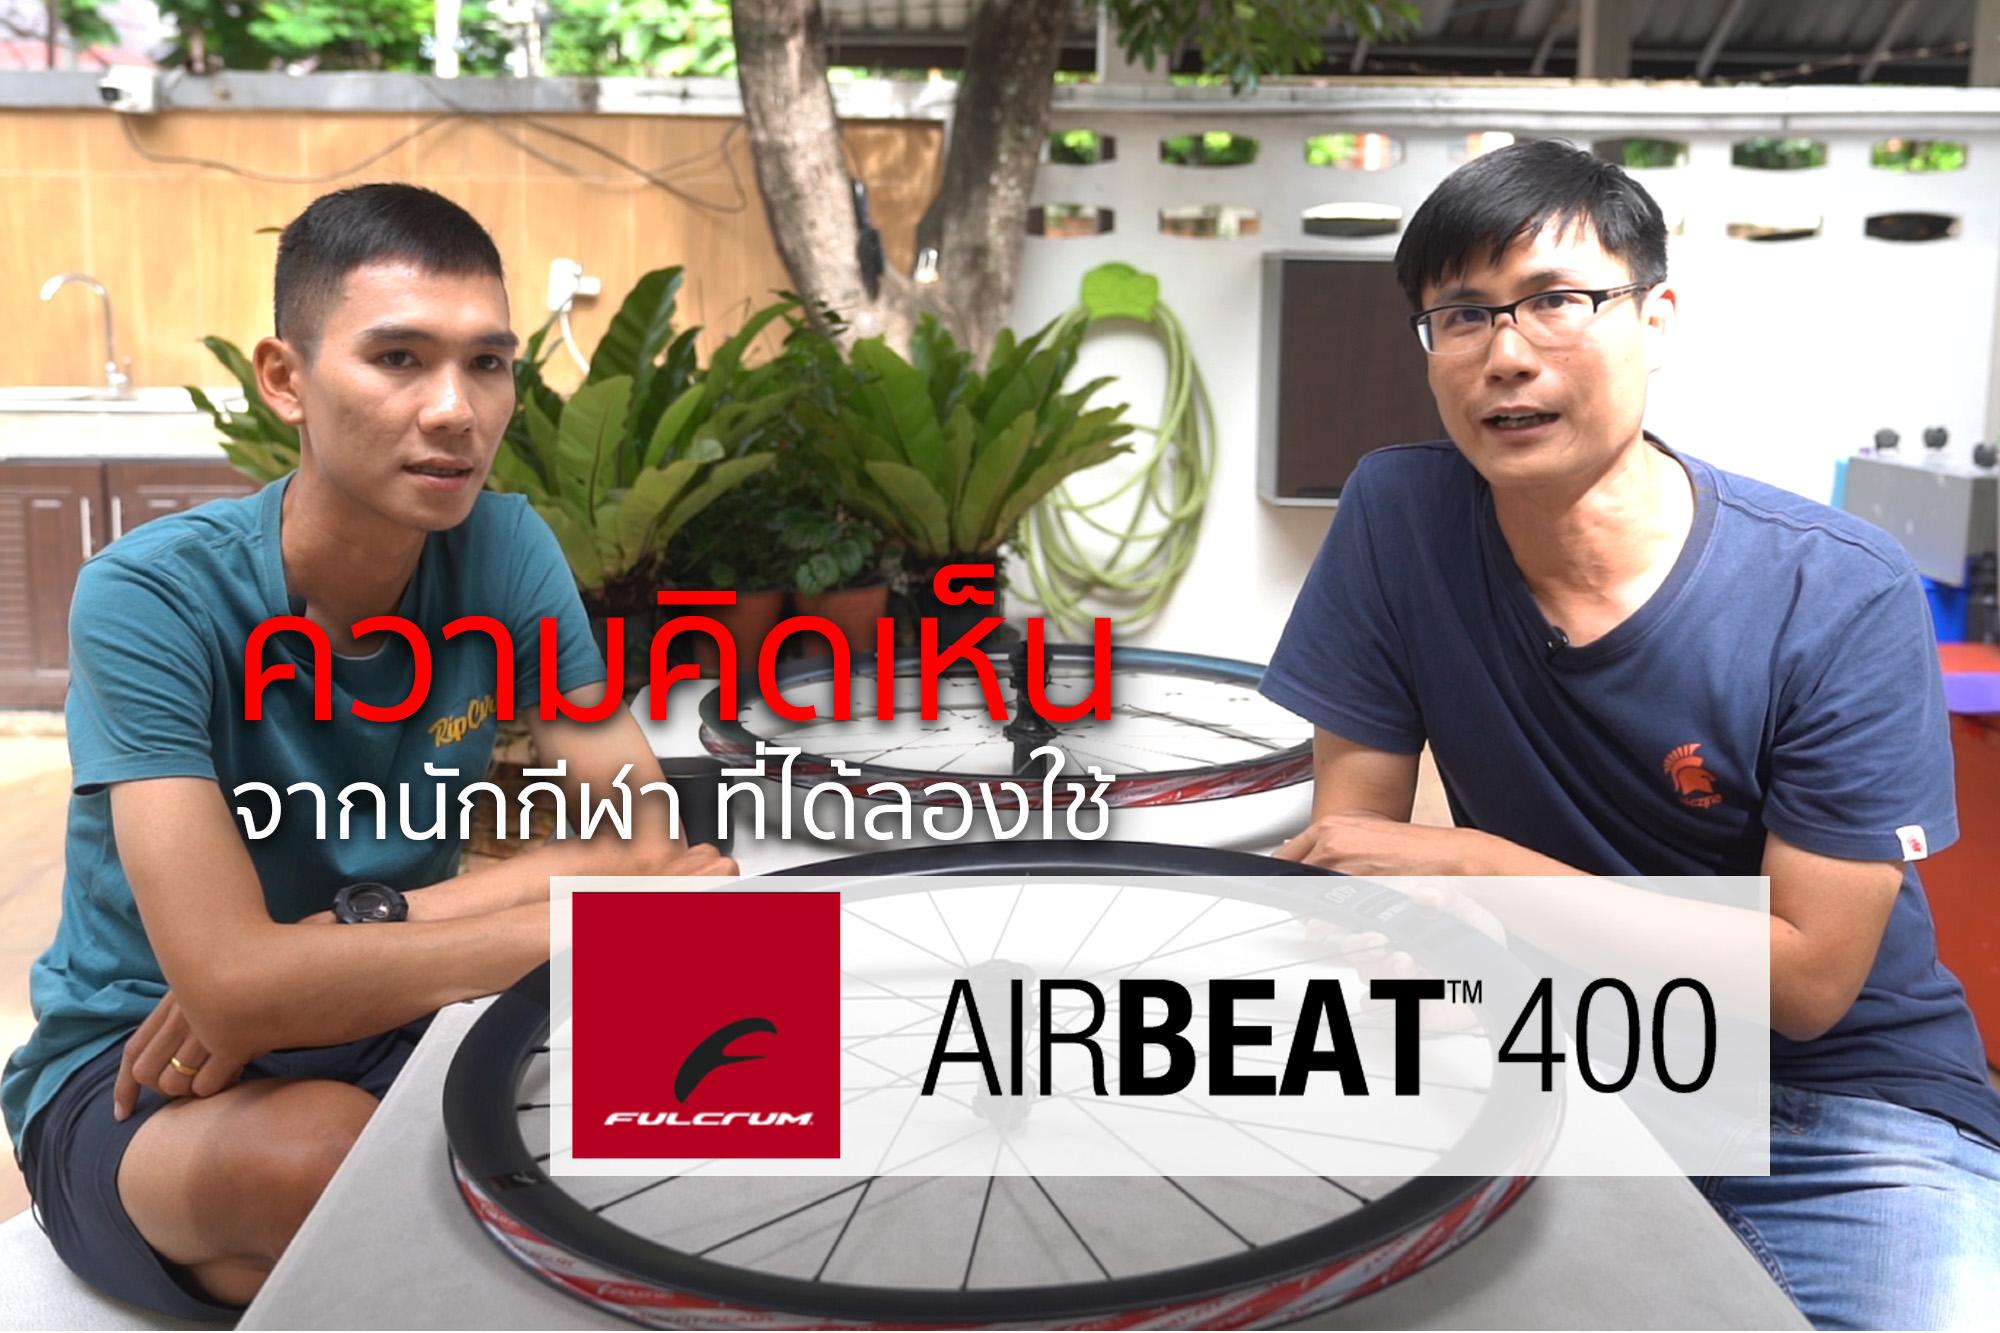 Fulcrum Airbeat 400 ความคิดเห็นจากนักกีฬาที่ได้ลองใช้